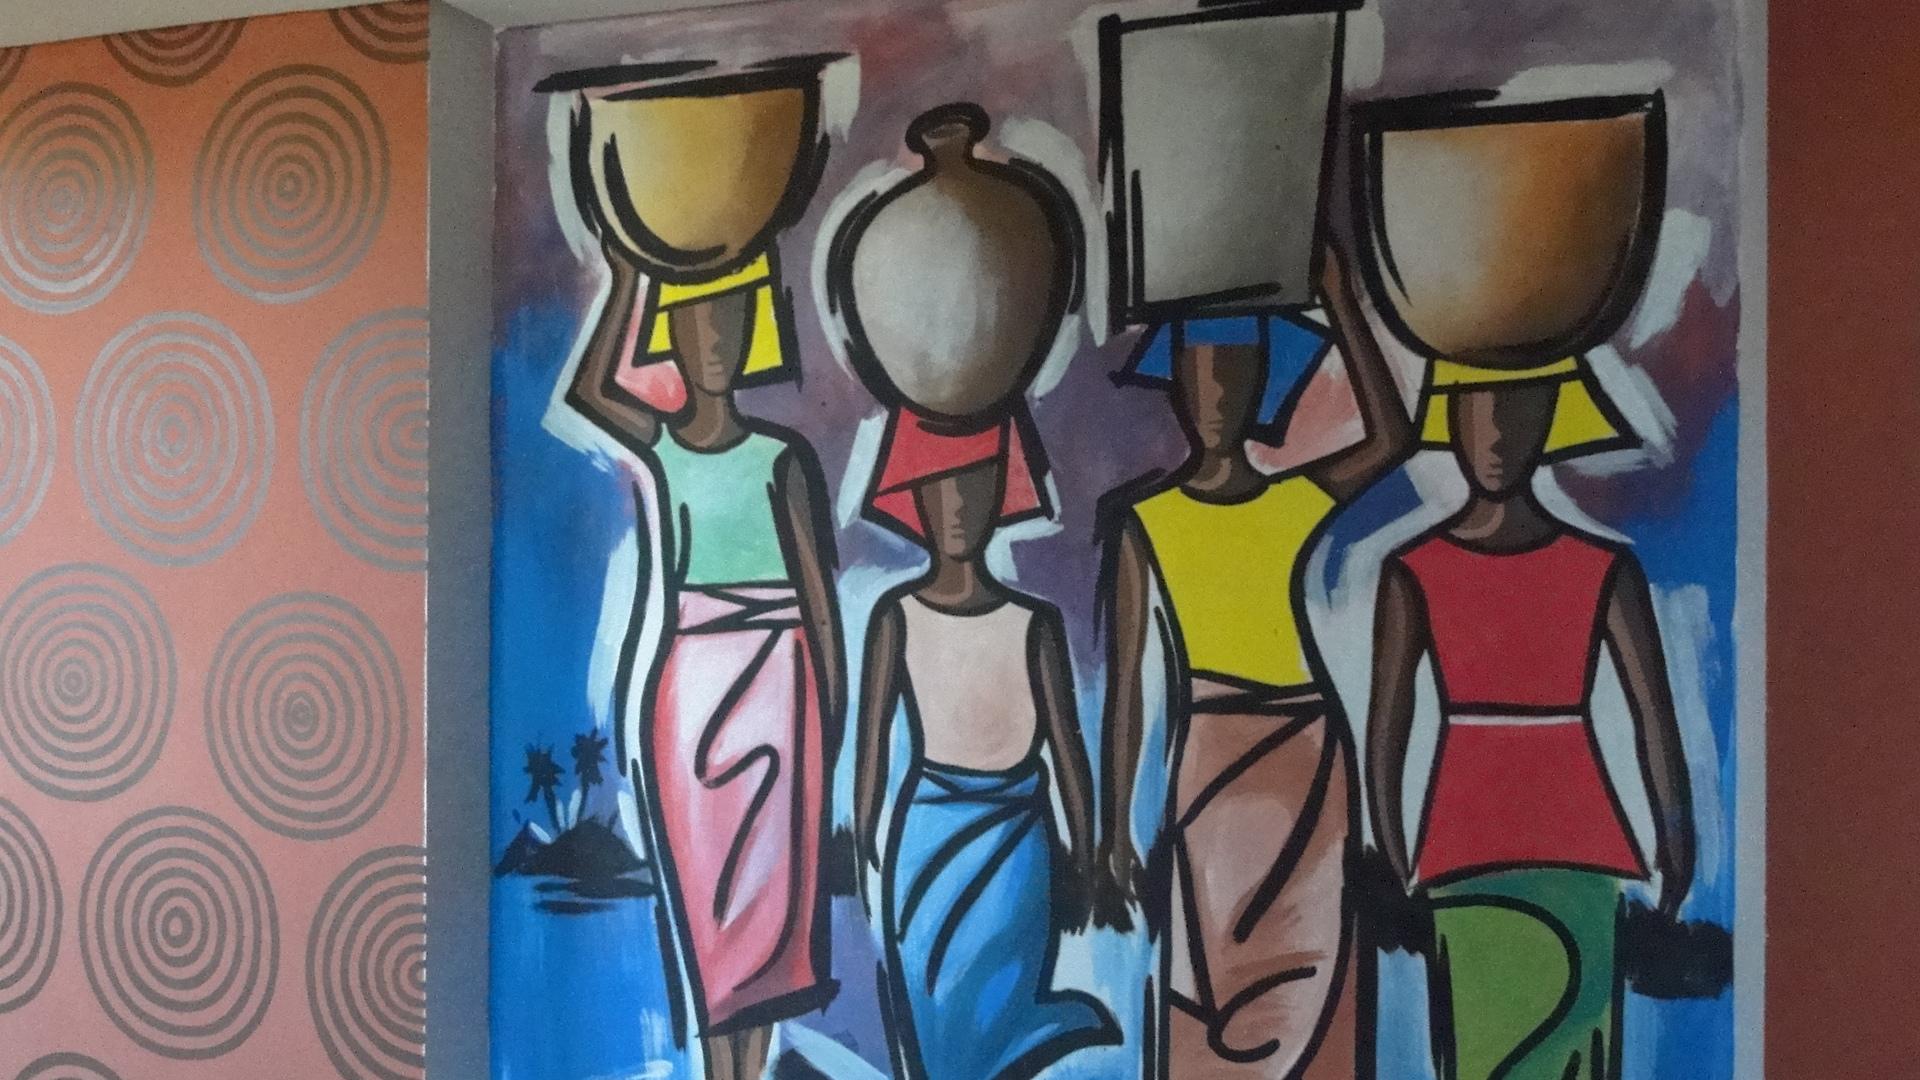 Pintura en las paredes.